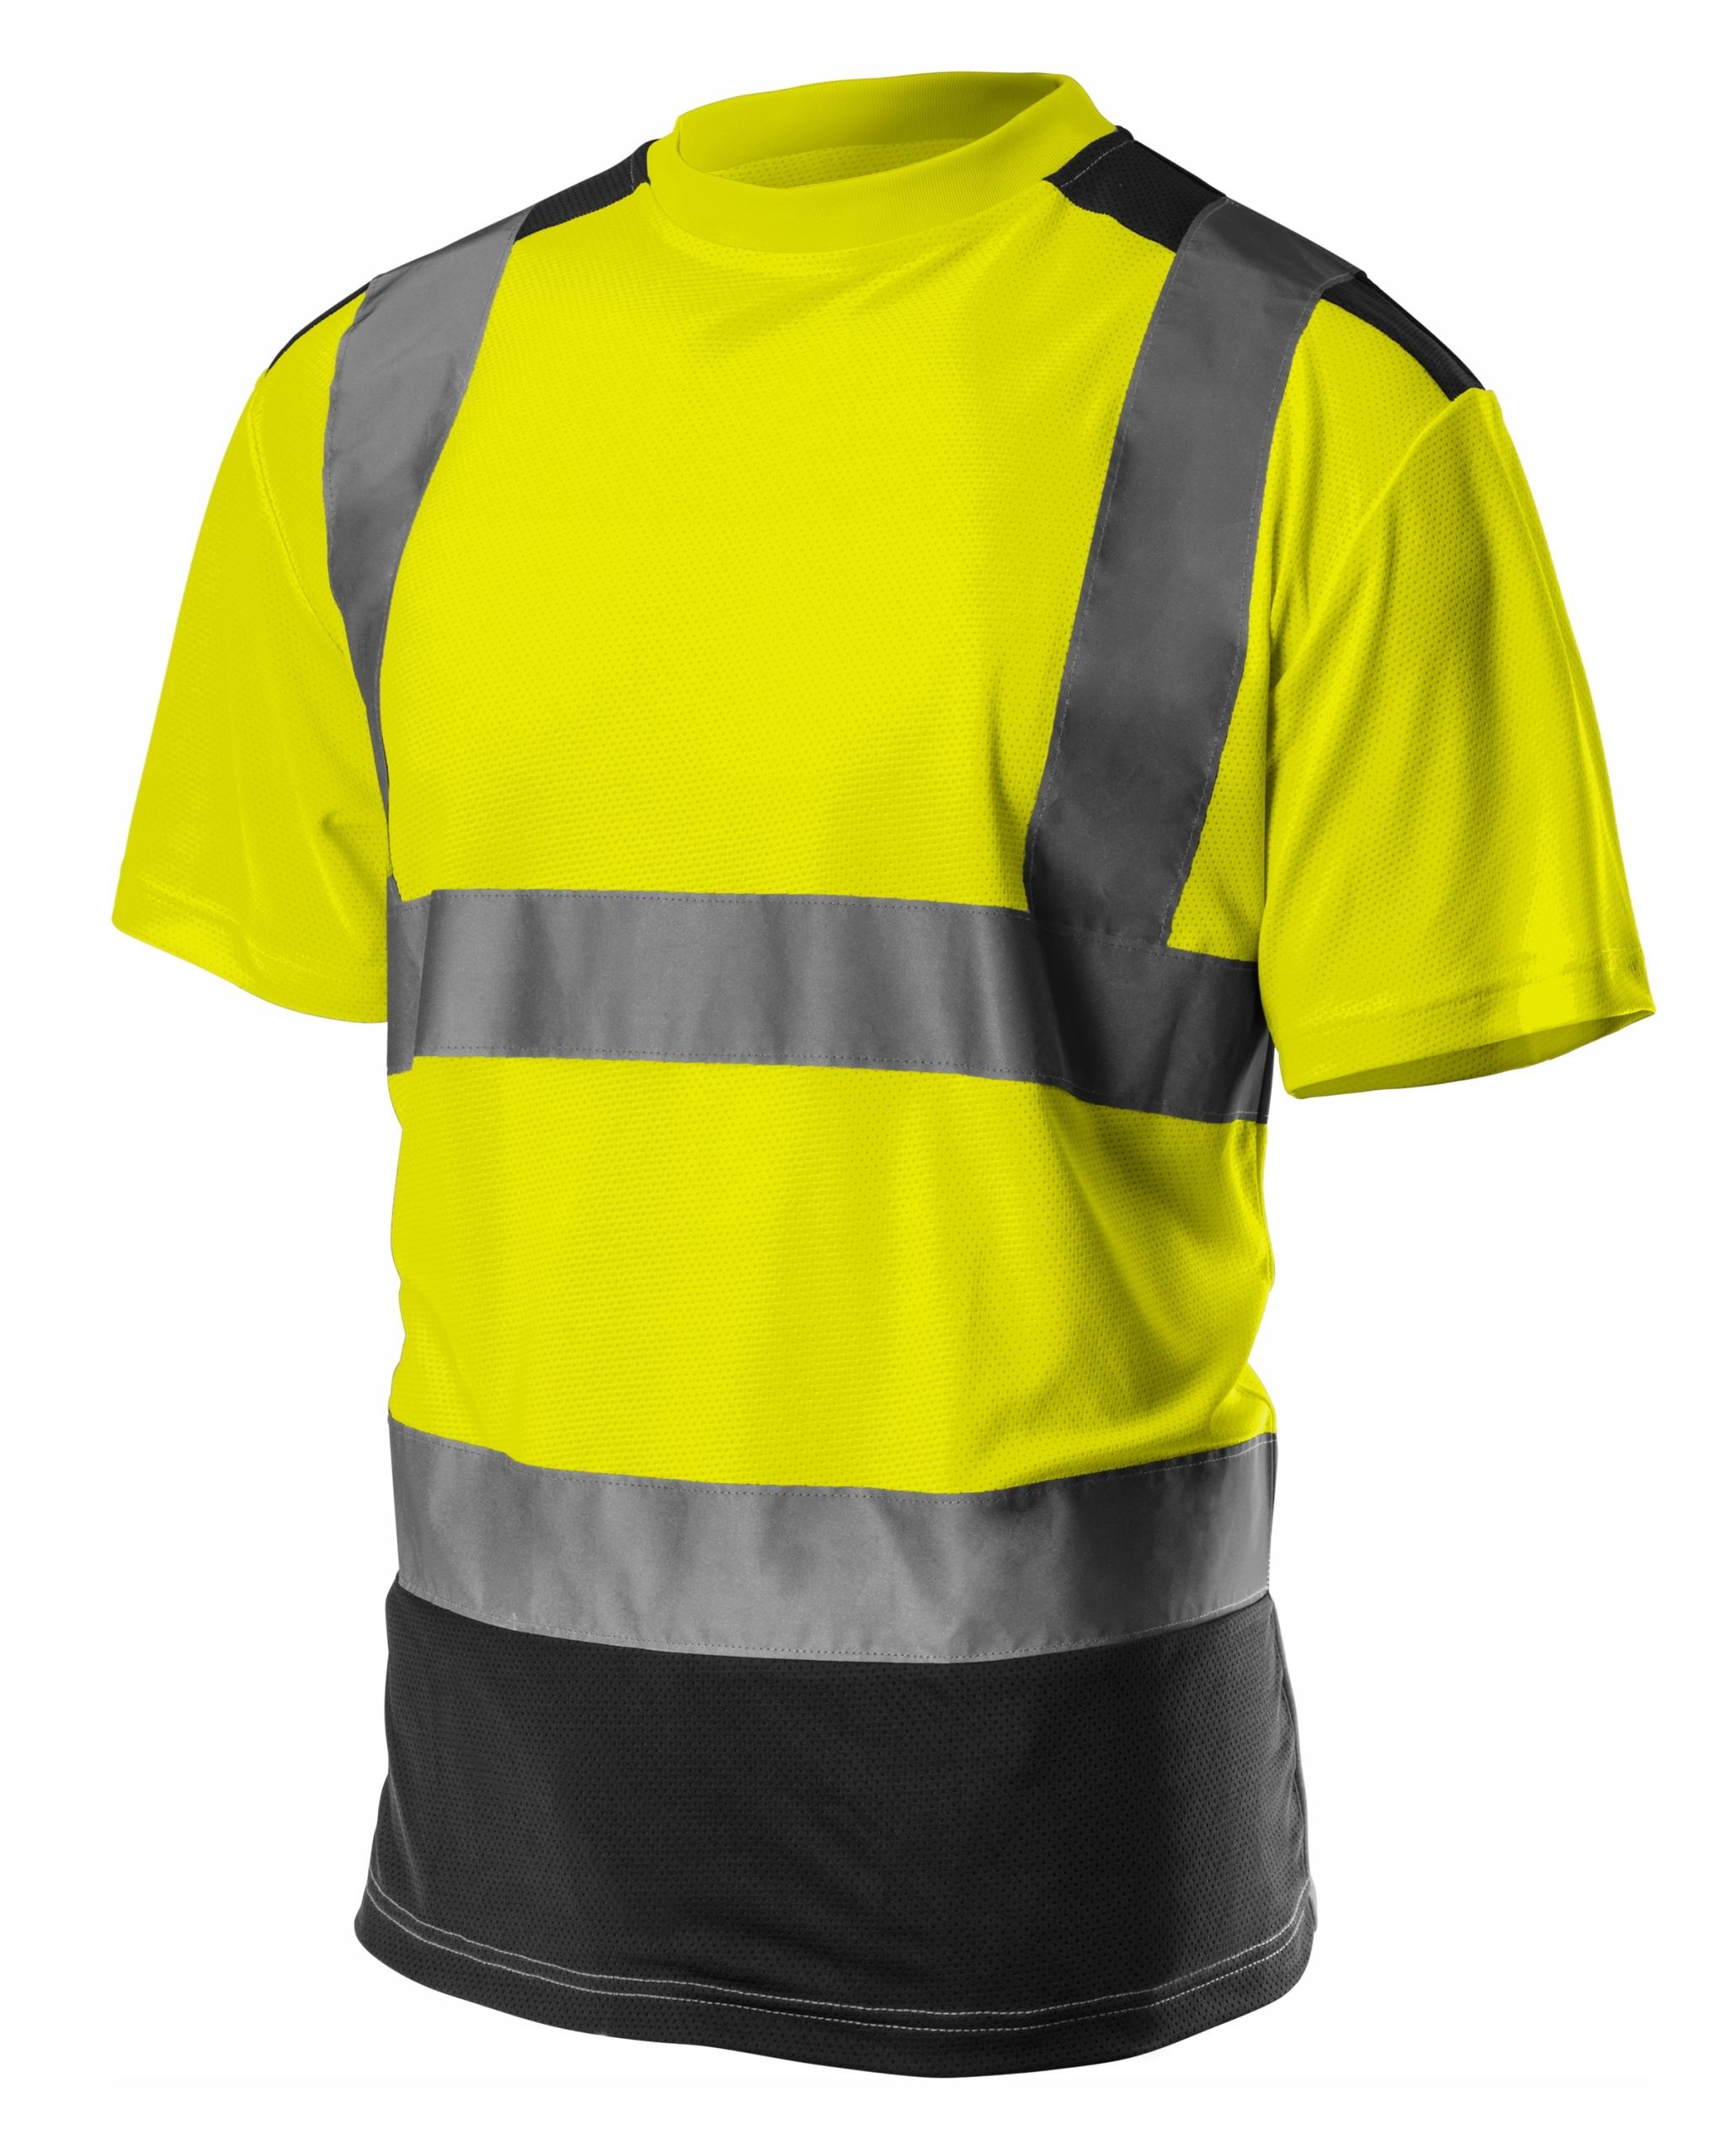 NEO T-shirt майка рабочая жилет размер XL